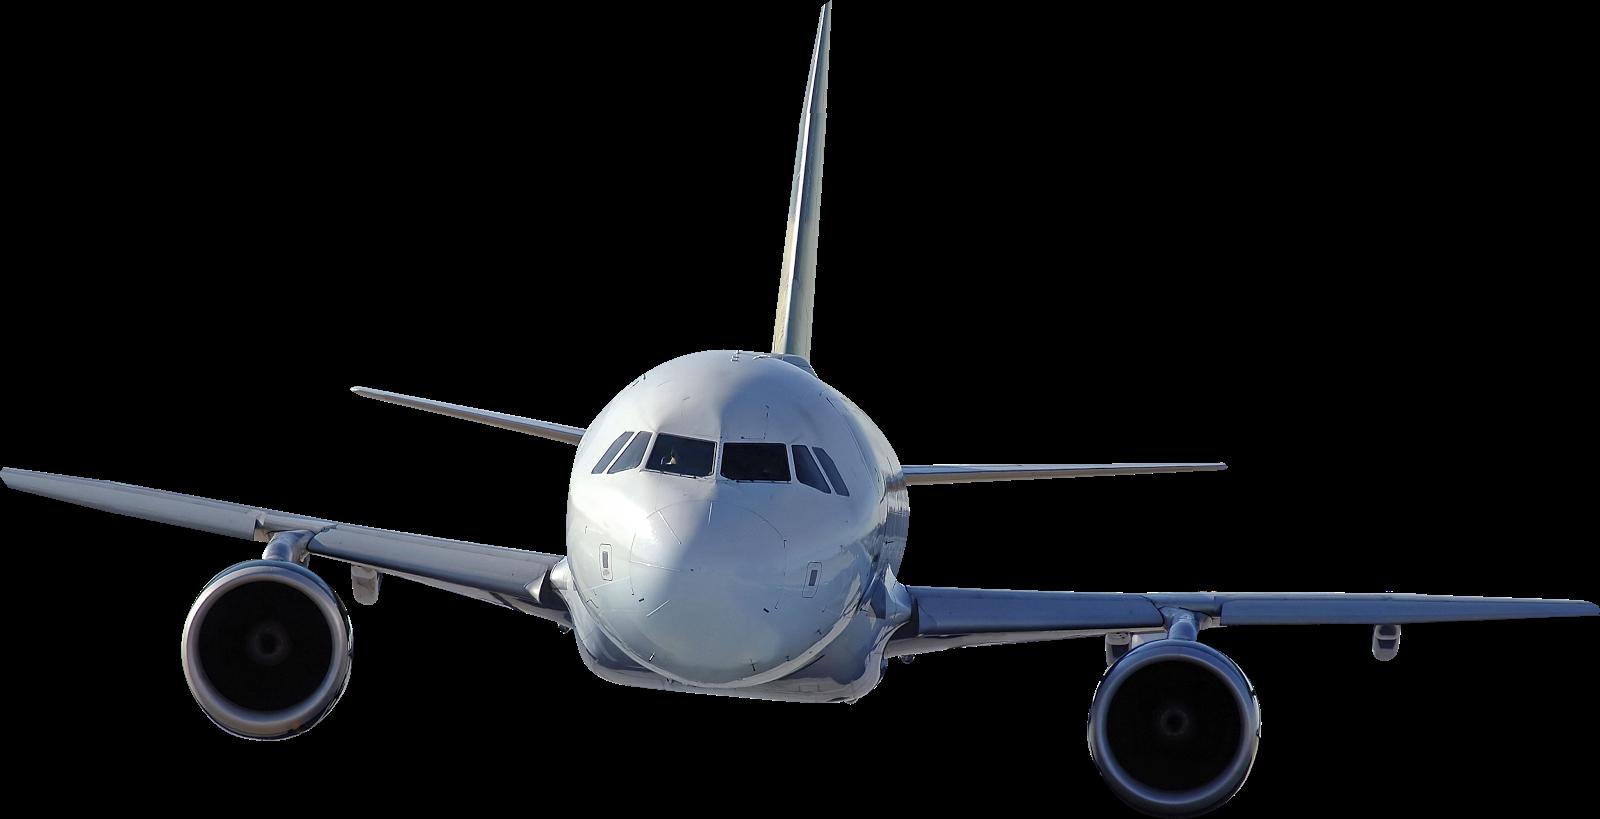 Поиск, онлайн-бронирование и покупка авиабилетов на внутренние и международные рейсы из СПб.